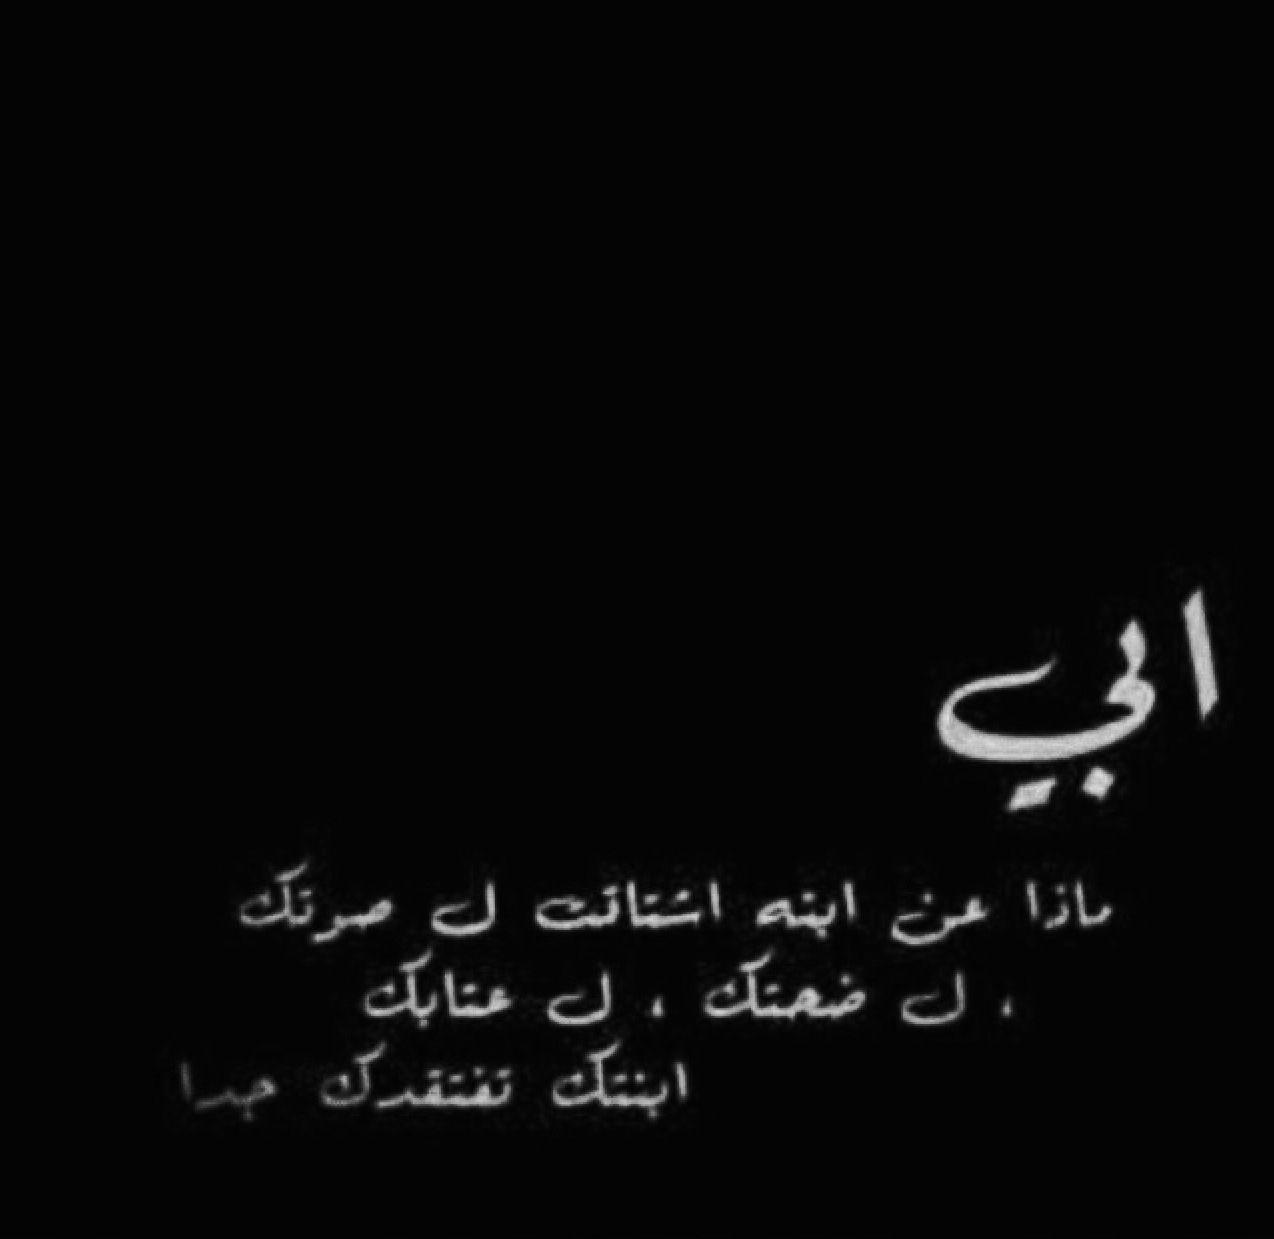 صورة شعر عن فراق الاب الميت , مشاعر حزينة لفراق أعز الناس